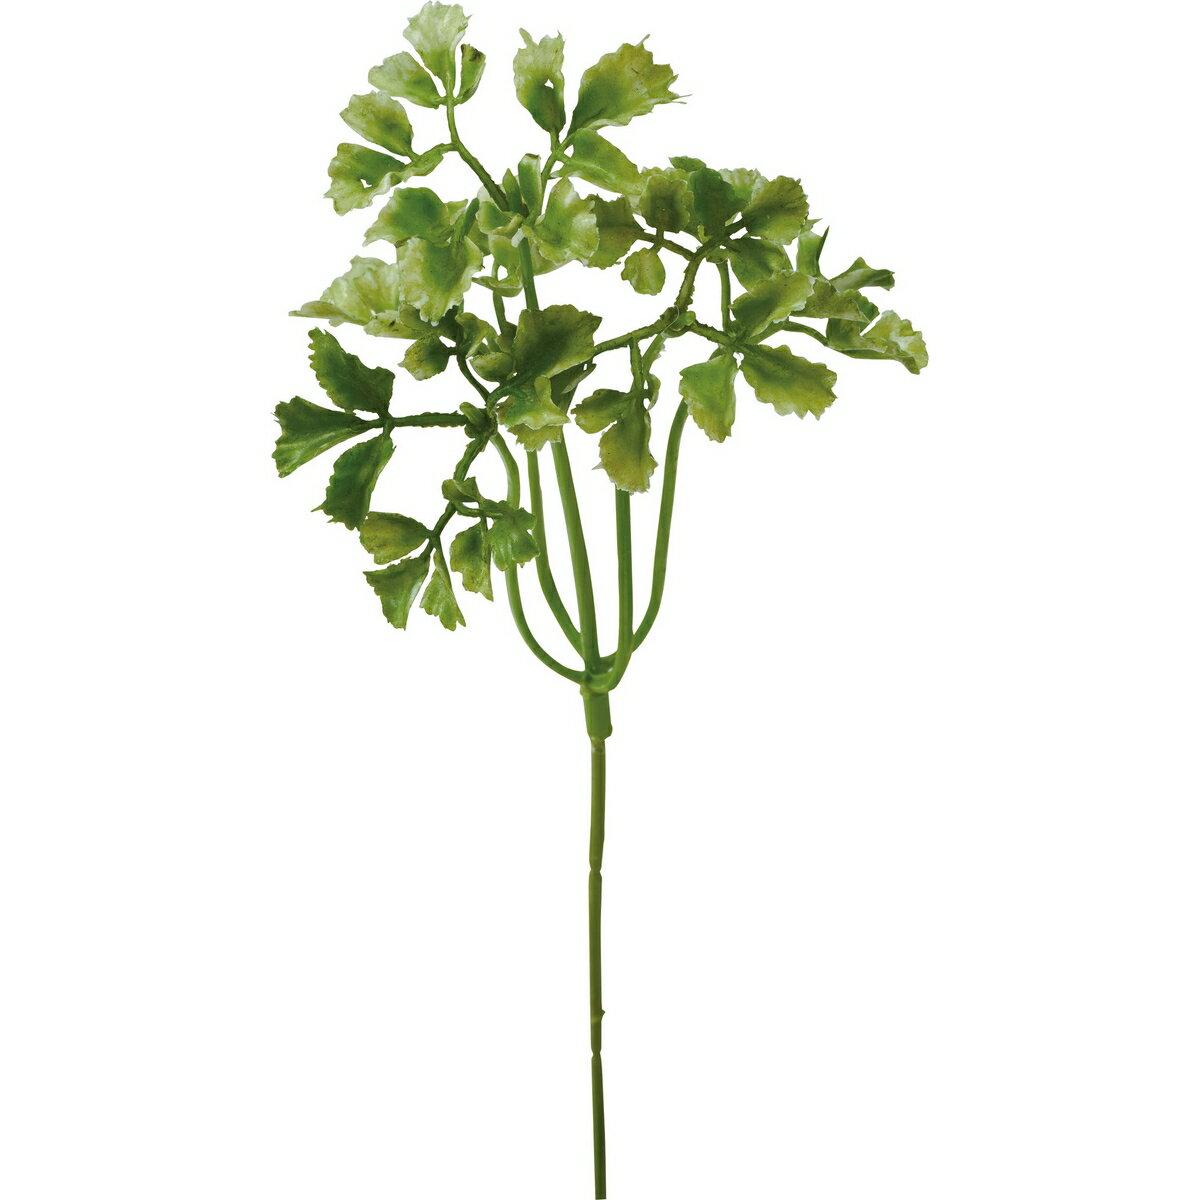 【造花】YDM/パセリピック グリーン/FG4779-GR【01】【取寄】《 造花(アーティフィシャルフラワー) 造花葉物、フェイクグリーン パセリ 》